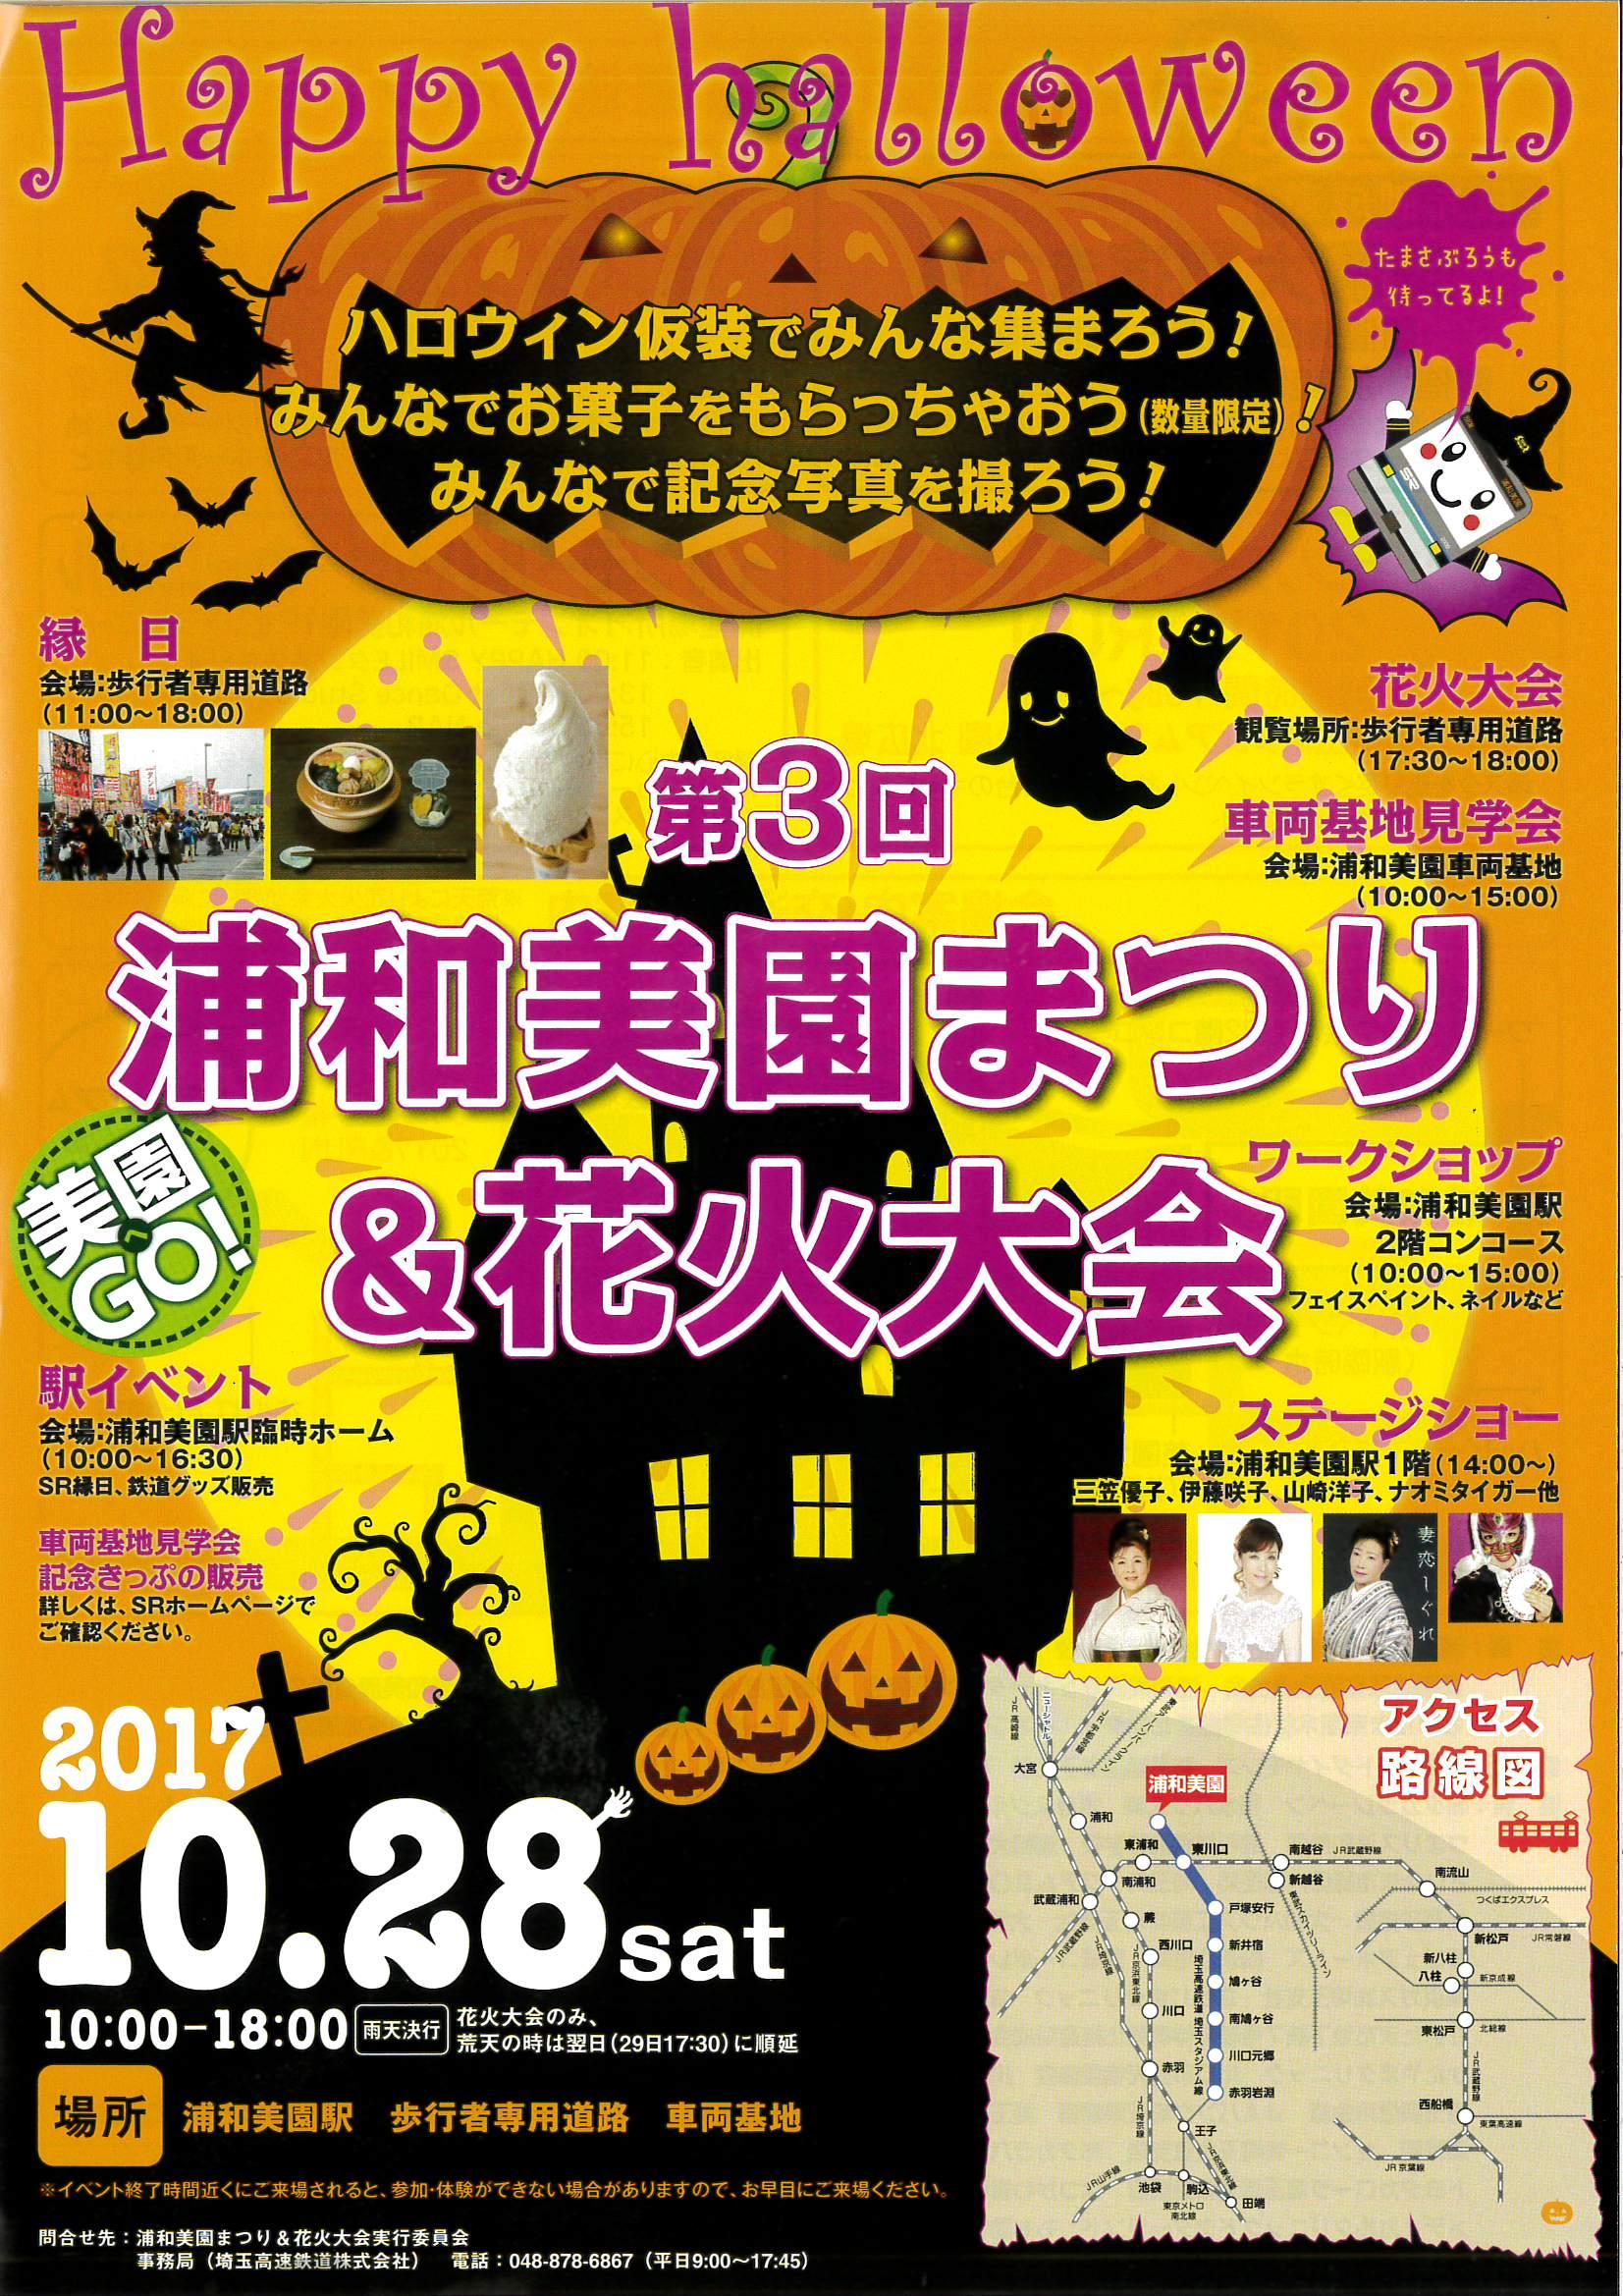 10/28(土) 【浦和美園まつり&花火大会】 出展します!